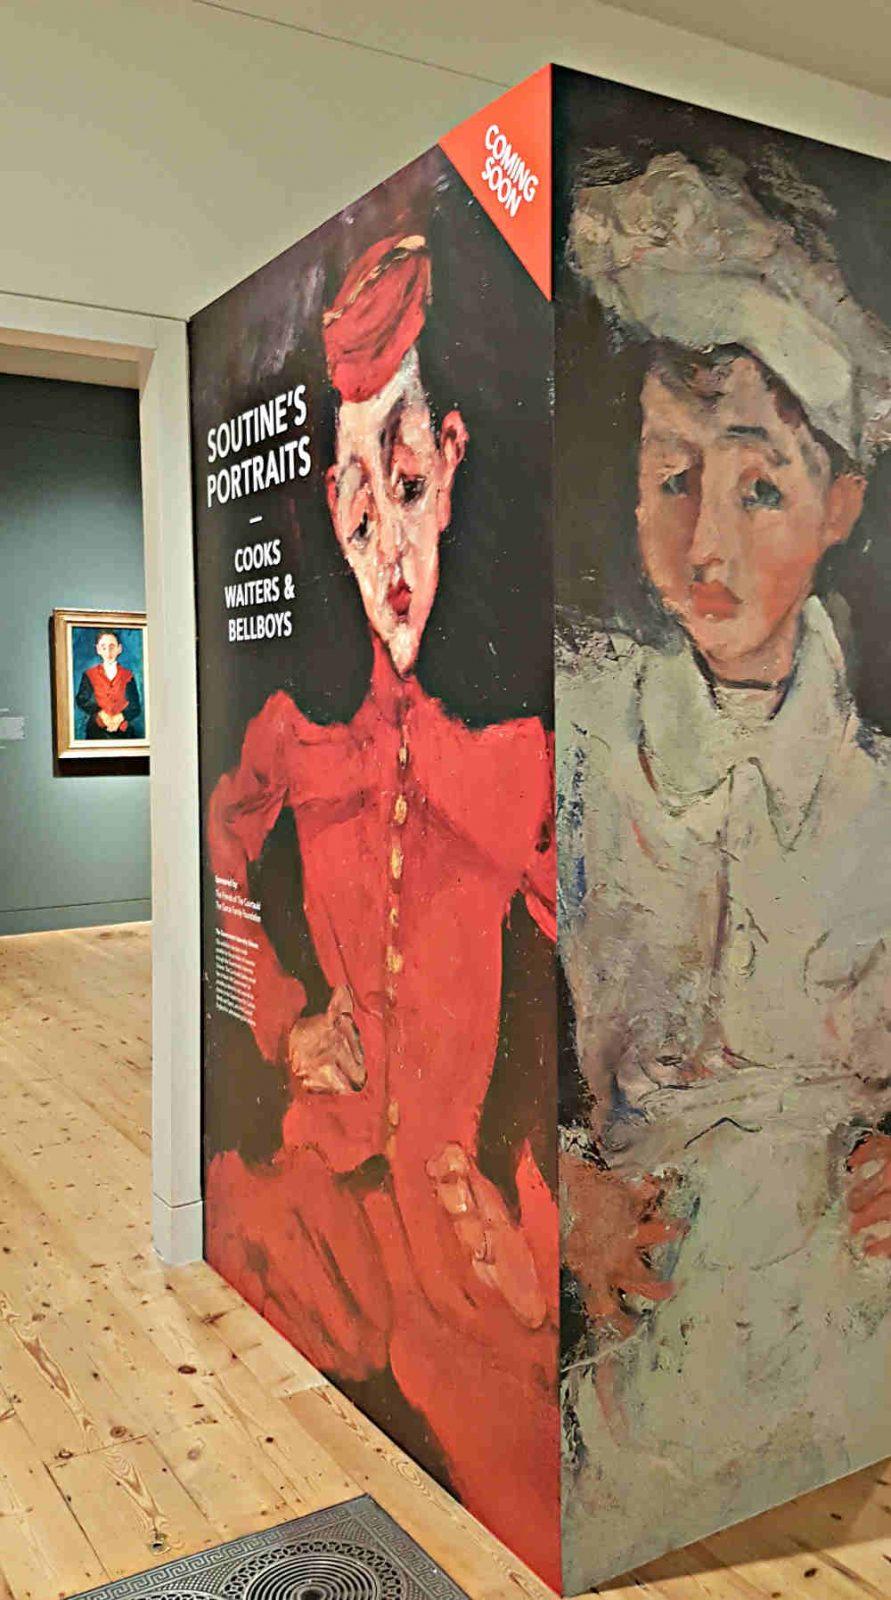 Sutine, Courtauld, London exhibition